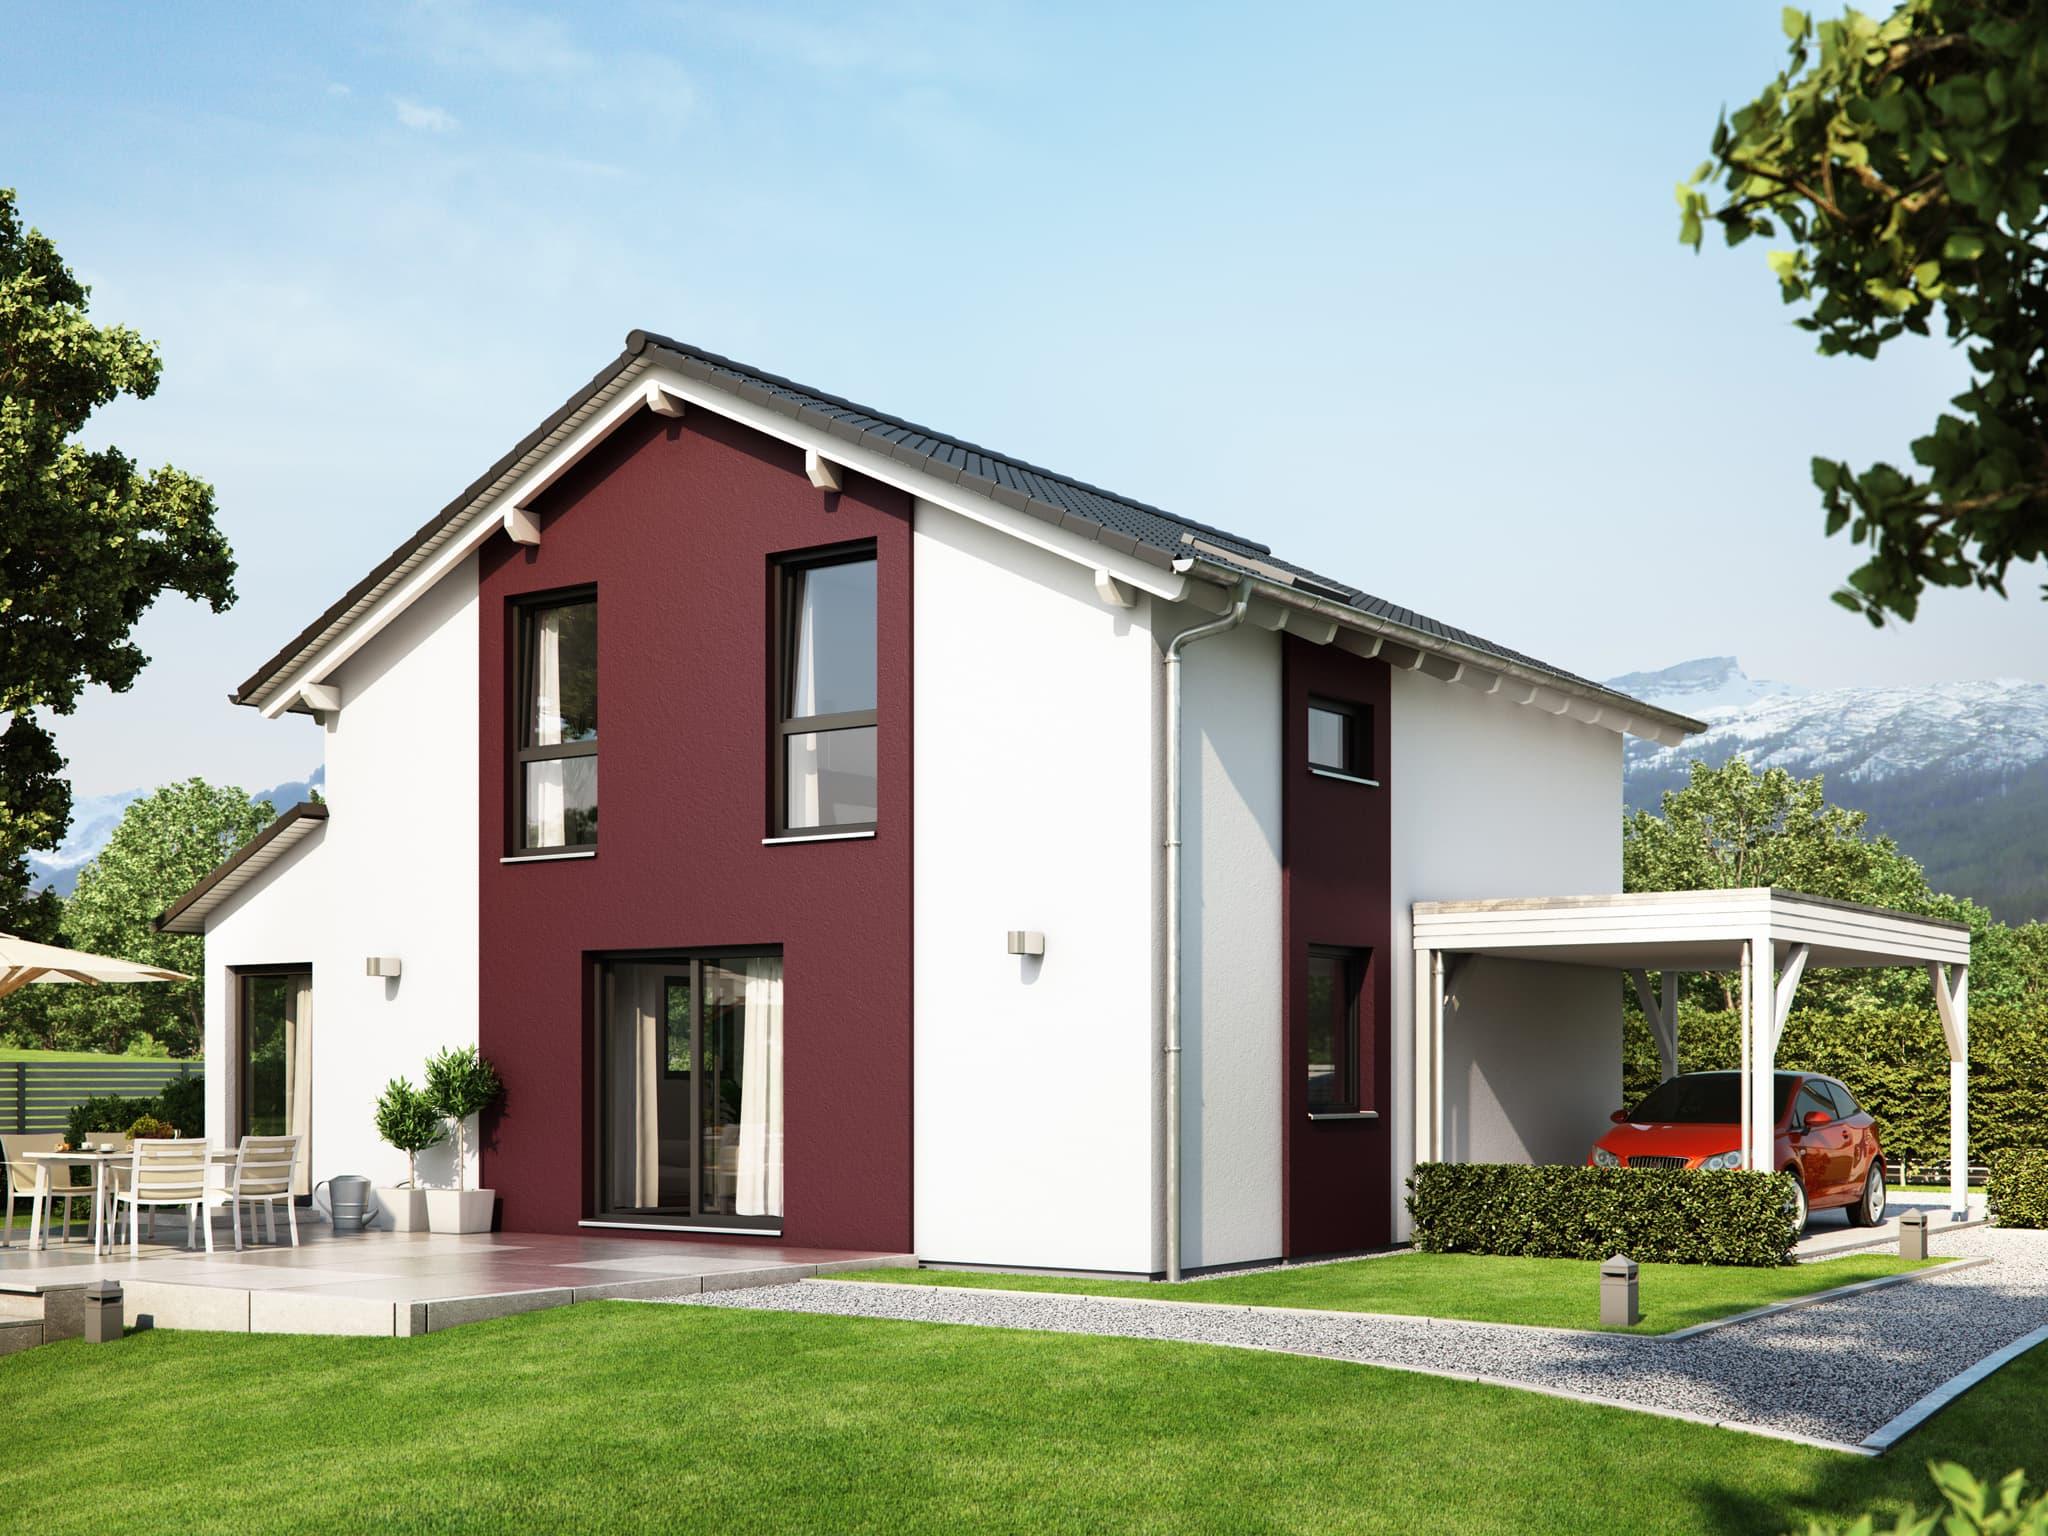 Fertighaus mit Satteldach & Carport, 5 Zimmer, 125 qm - Einfamilienhaus Living Haus SUNSHINE 126 V4 - HausbauDirekt.de